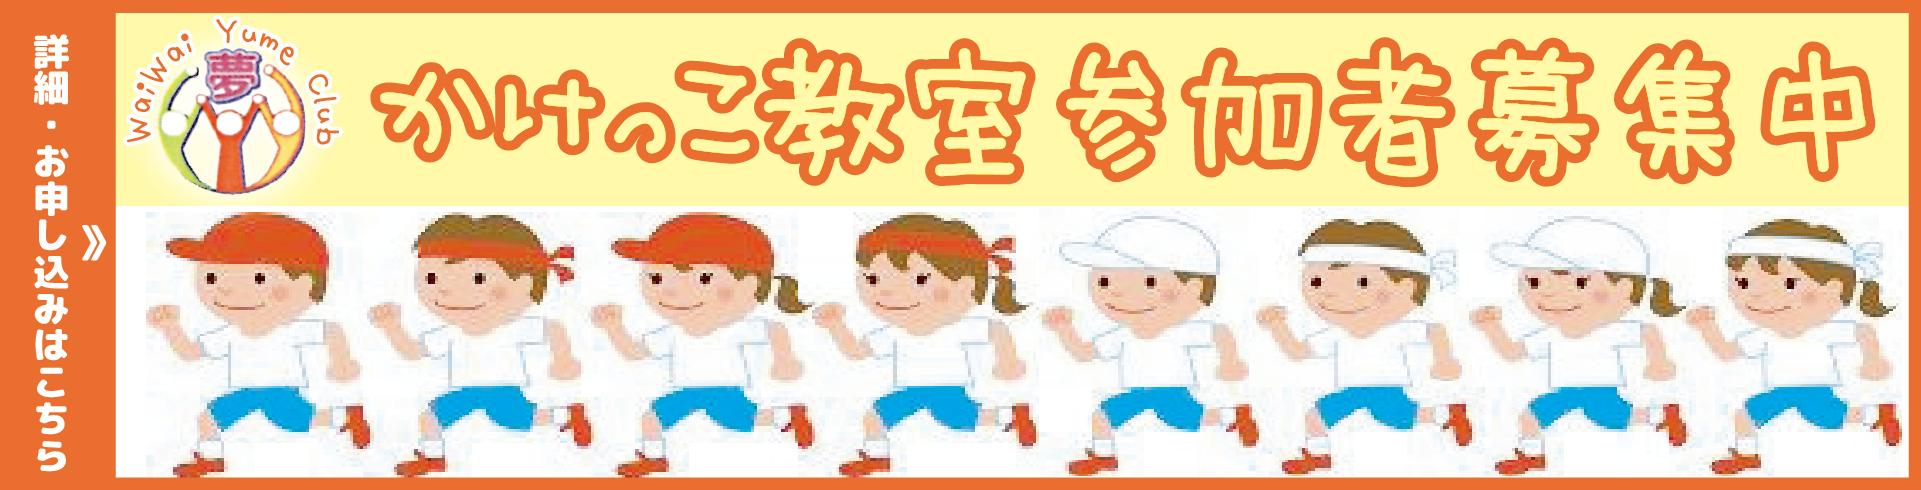 かけっこ教室2019参加者募集中!